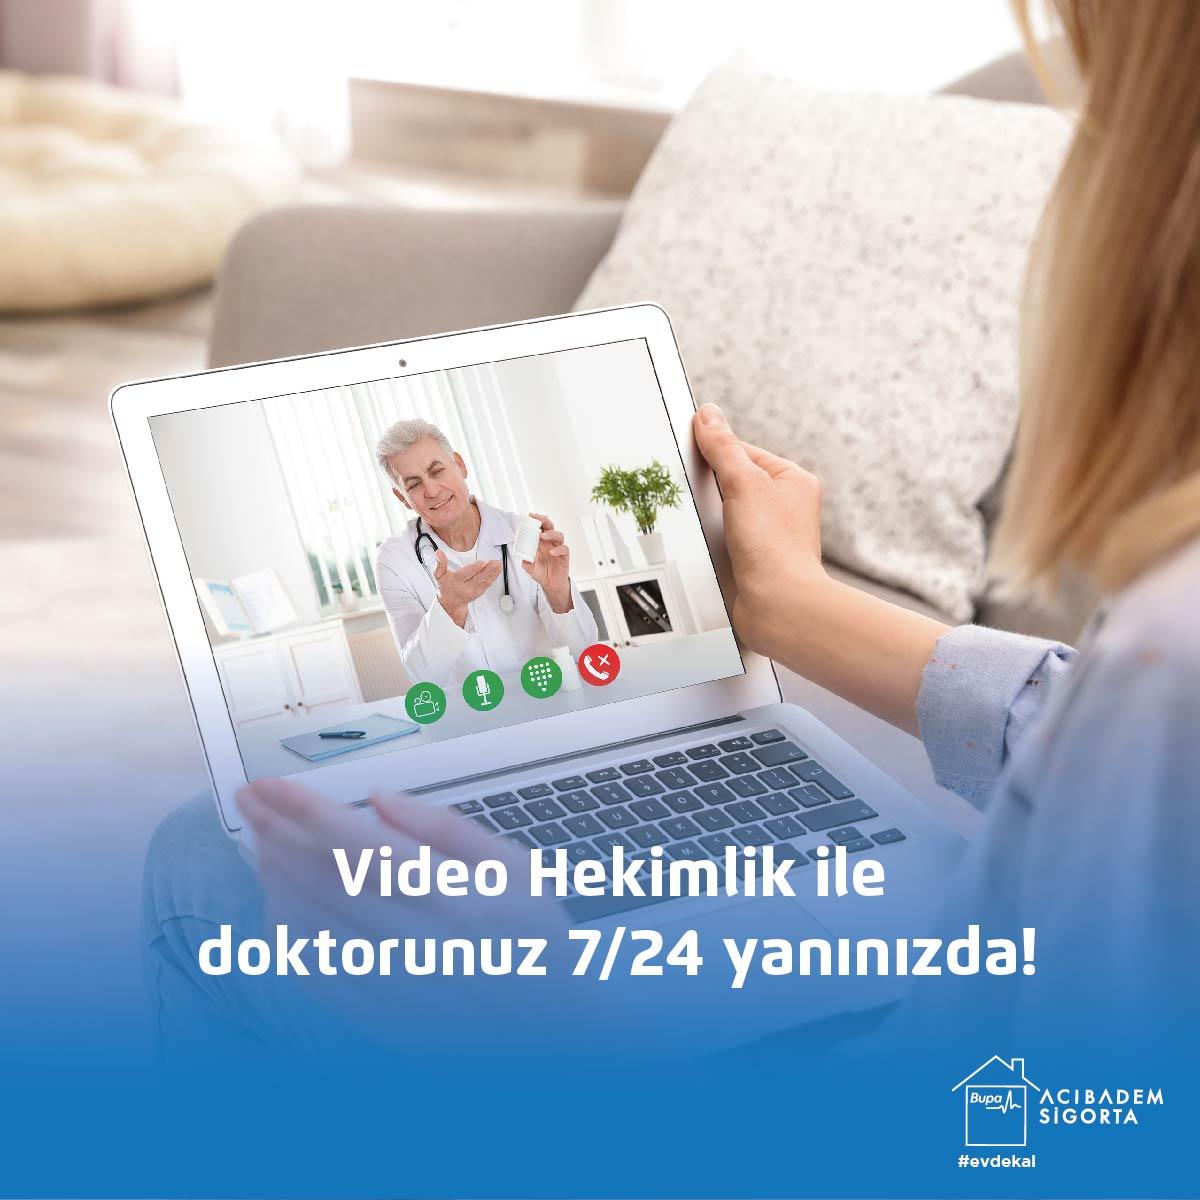 """senCard Sağlıklı Yaşam Merkezi""""Video Hekimlik""""hizmetiyle doktorunuz yanınızda!  👉https://t.co/sIchrwDamJrandevu al butonunu tıklayıp, istediğiniz tarihi seçerek doktorunuz ile görüşebilirsiniz!  #VideoHekimlik #BupaAcıbademSigortaYanında #YanYanaOlamasakDaBeraberiz https://t.co/oslU8VfKOC"""